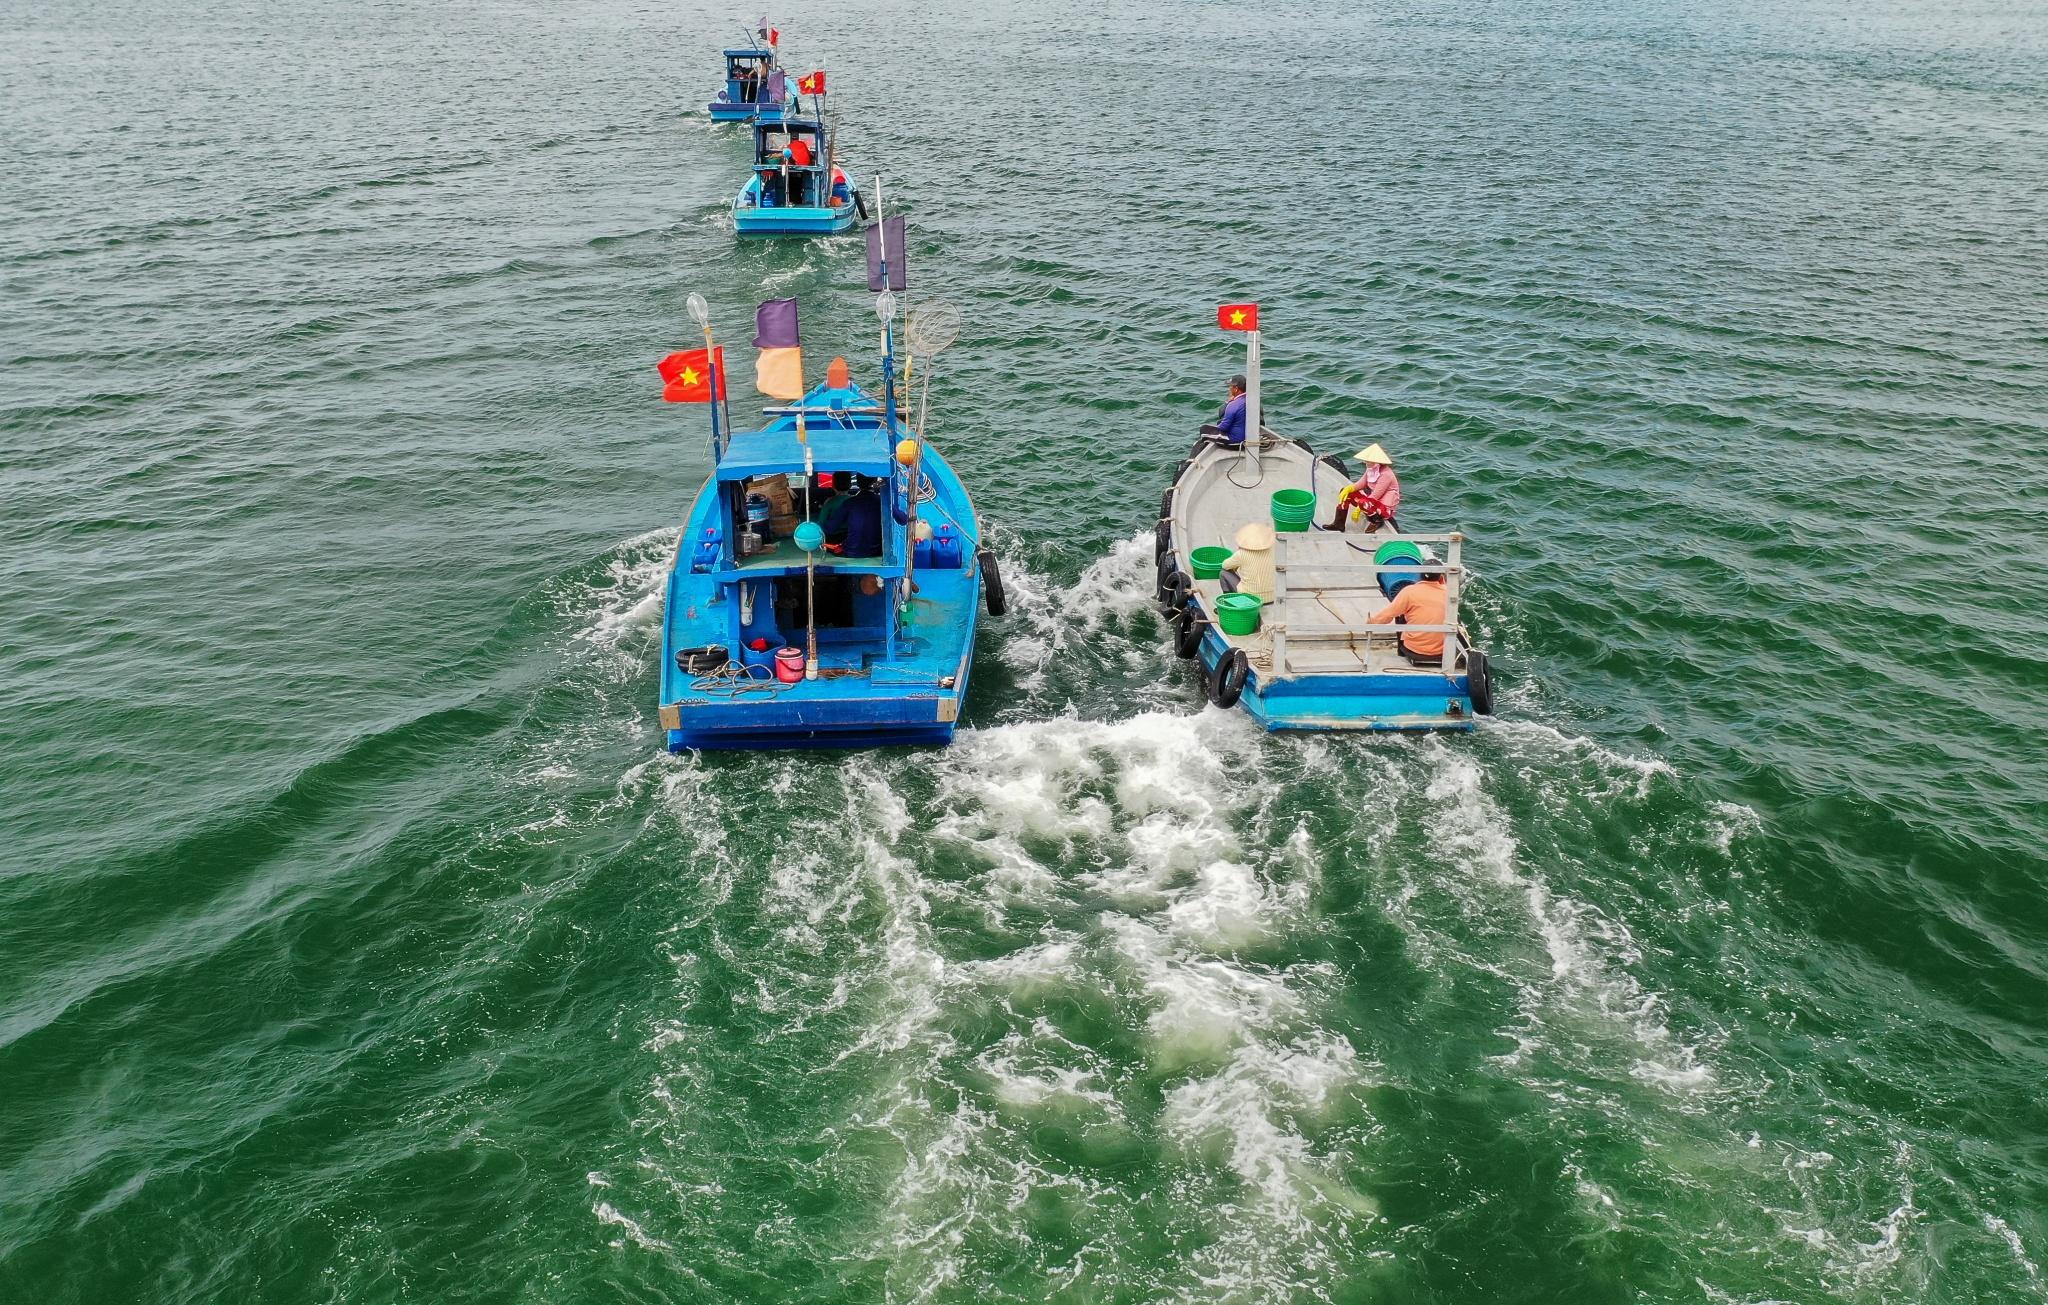 mo cua du lich phu quoc anh 4  - phuquoc_zing35 - Tổng cục Du lịch: Đã tính việc xử lý sự cố khi đón khách đến Phú Quốc